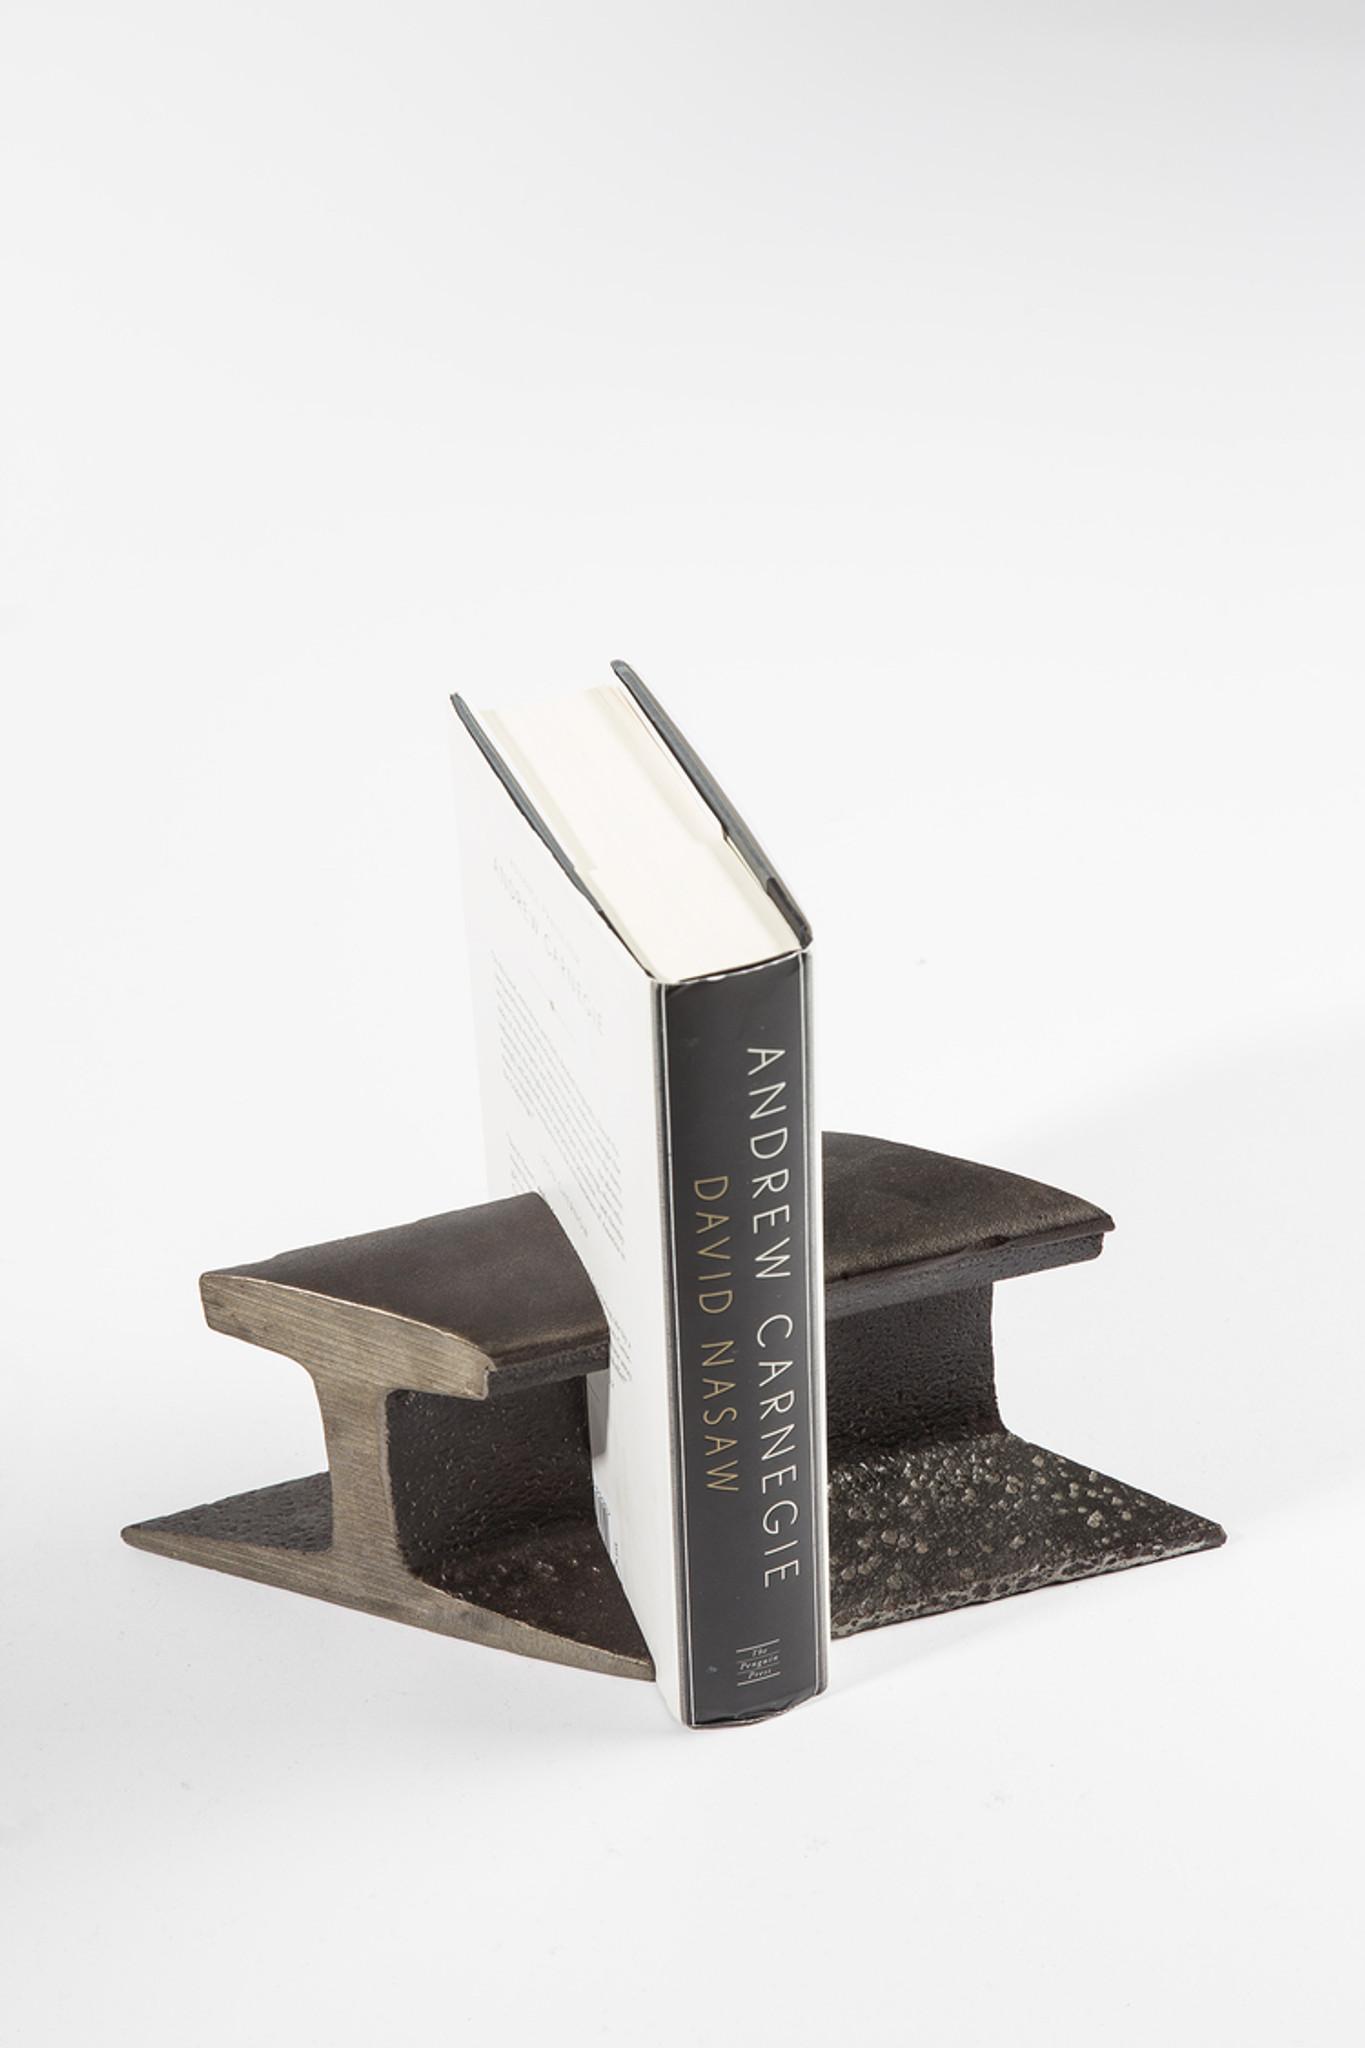 modern industrial steel book ends